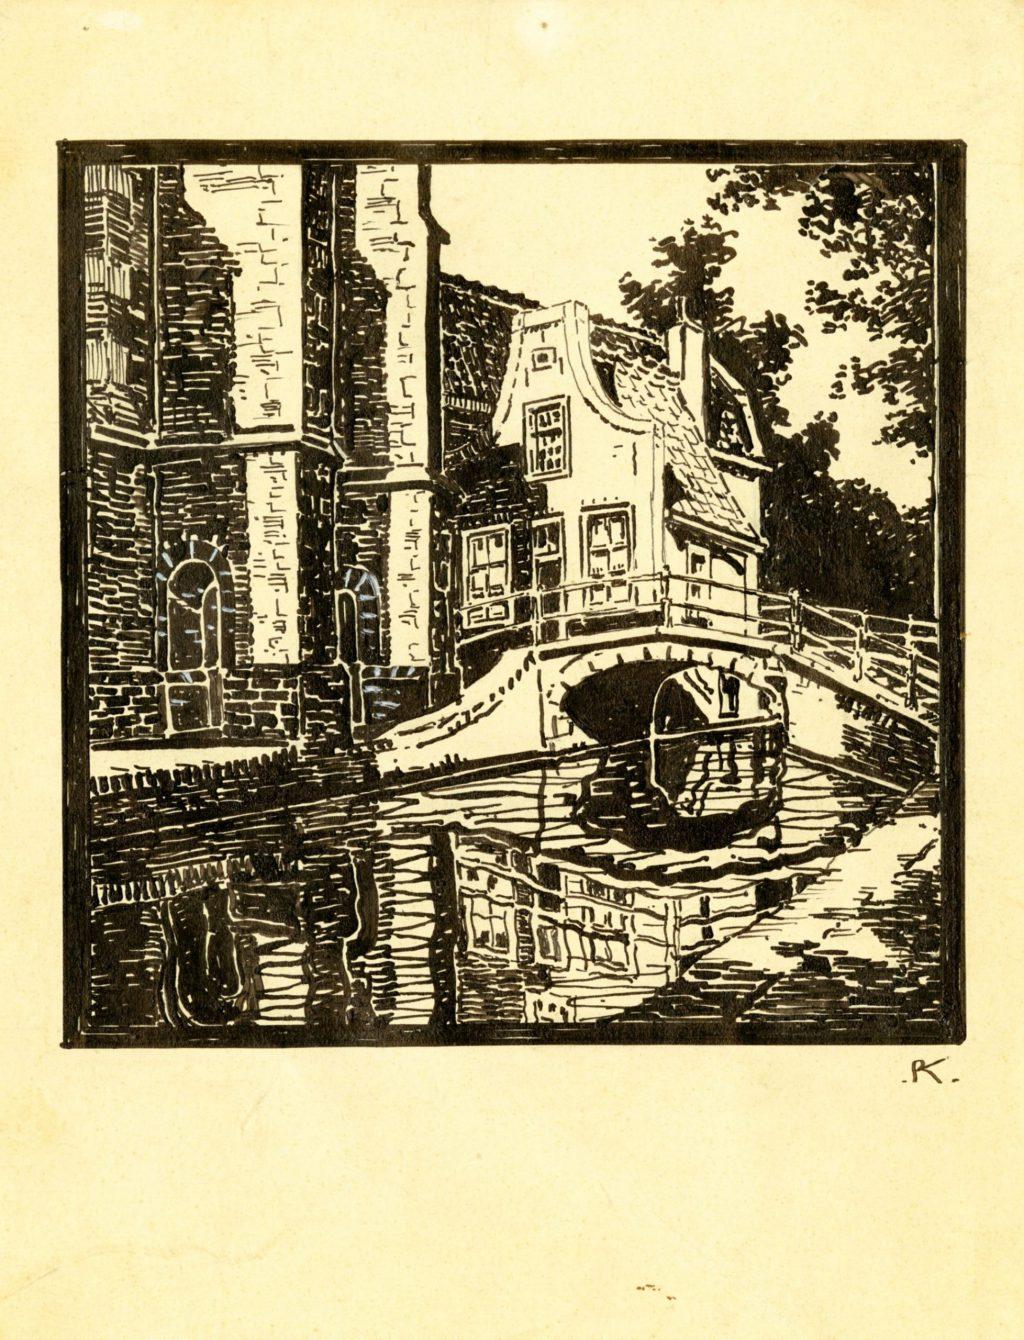 Piet Kramer, Beiaardiershuisje aan de Kerkstraat, gezien vanaf het Vrouwenregt, 1926 (TMS 125430)